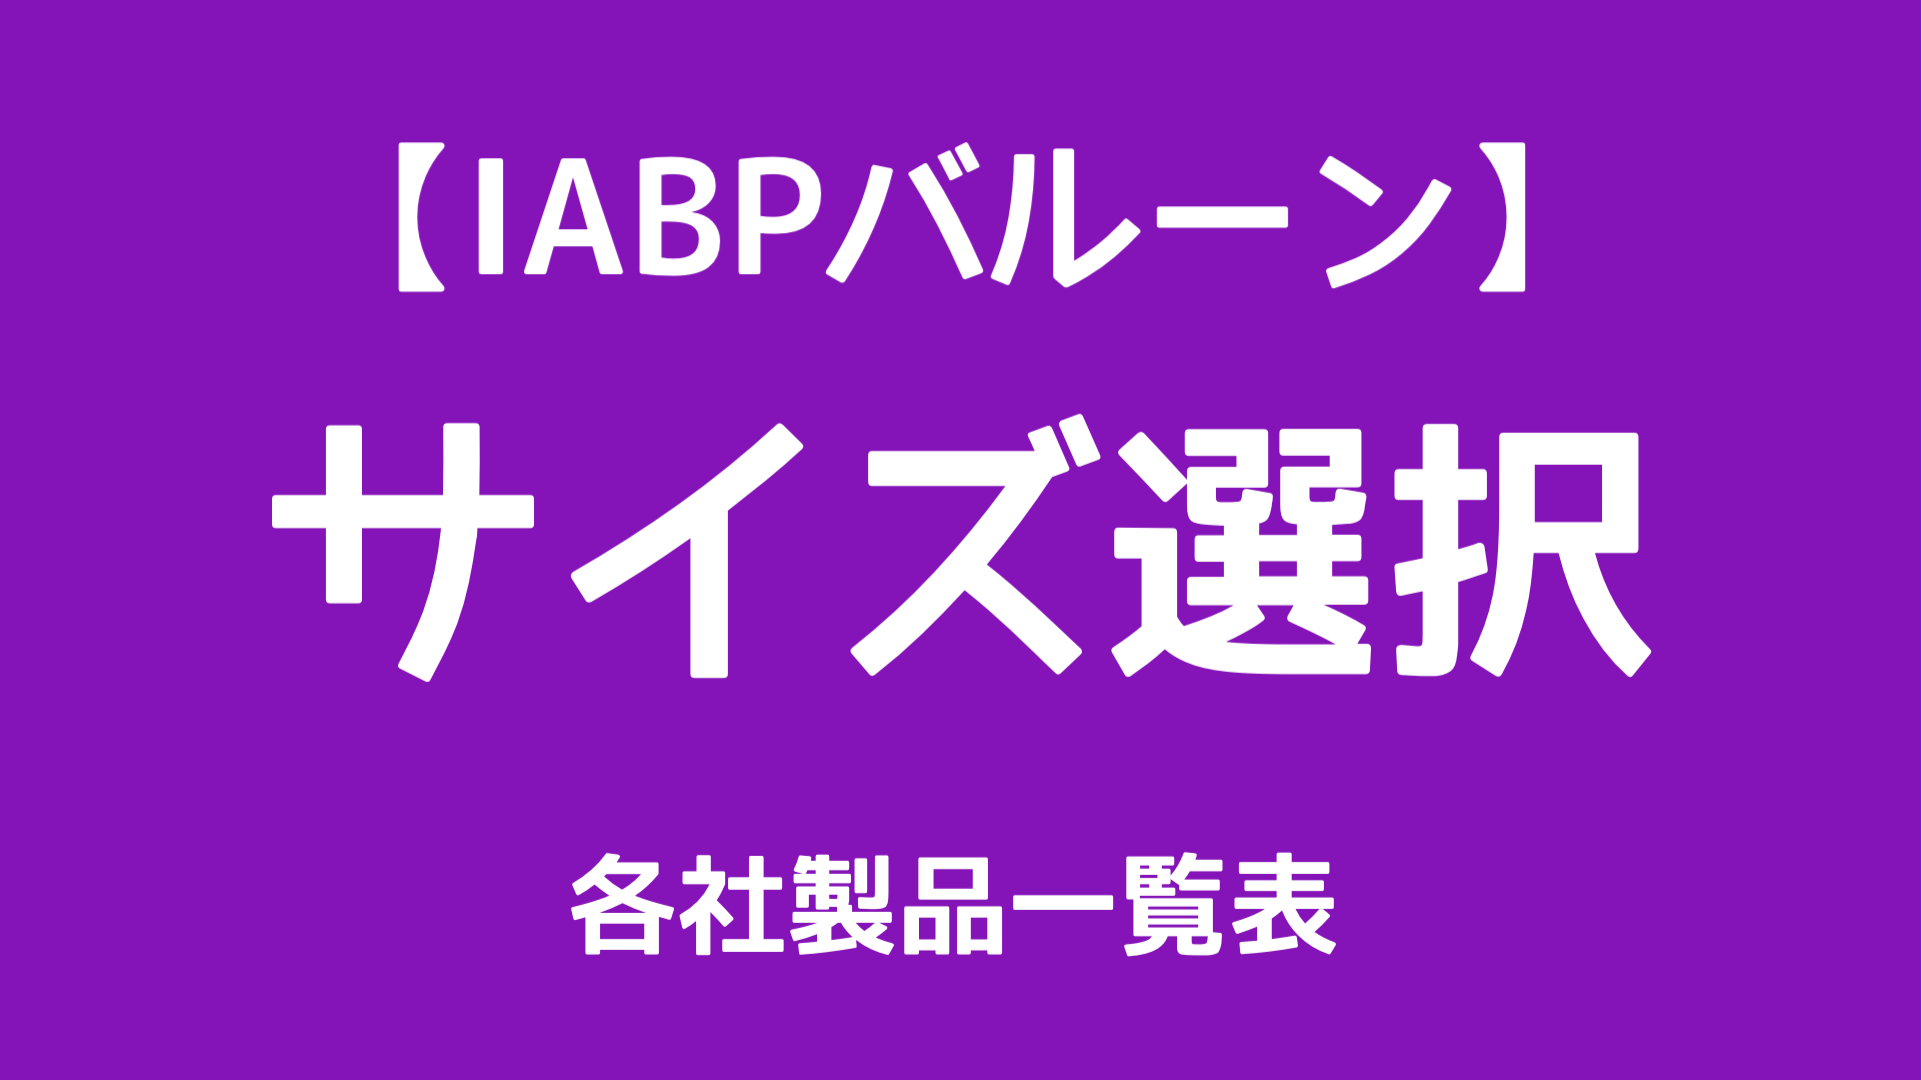 IABP,バルーンサイズ